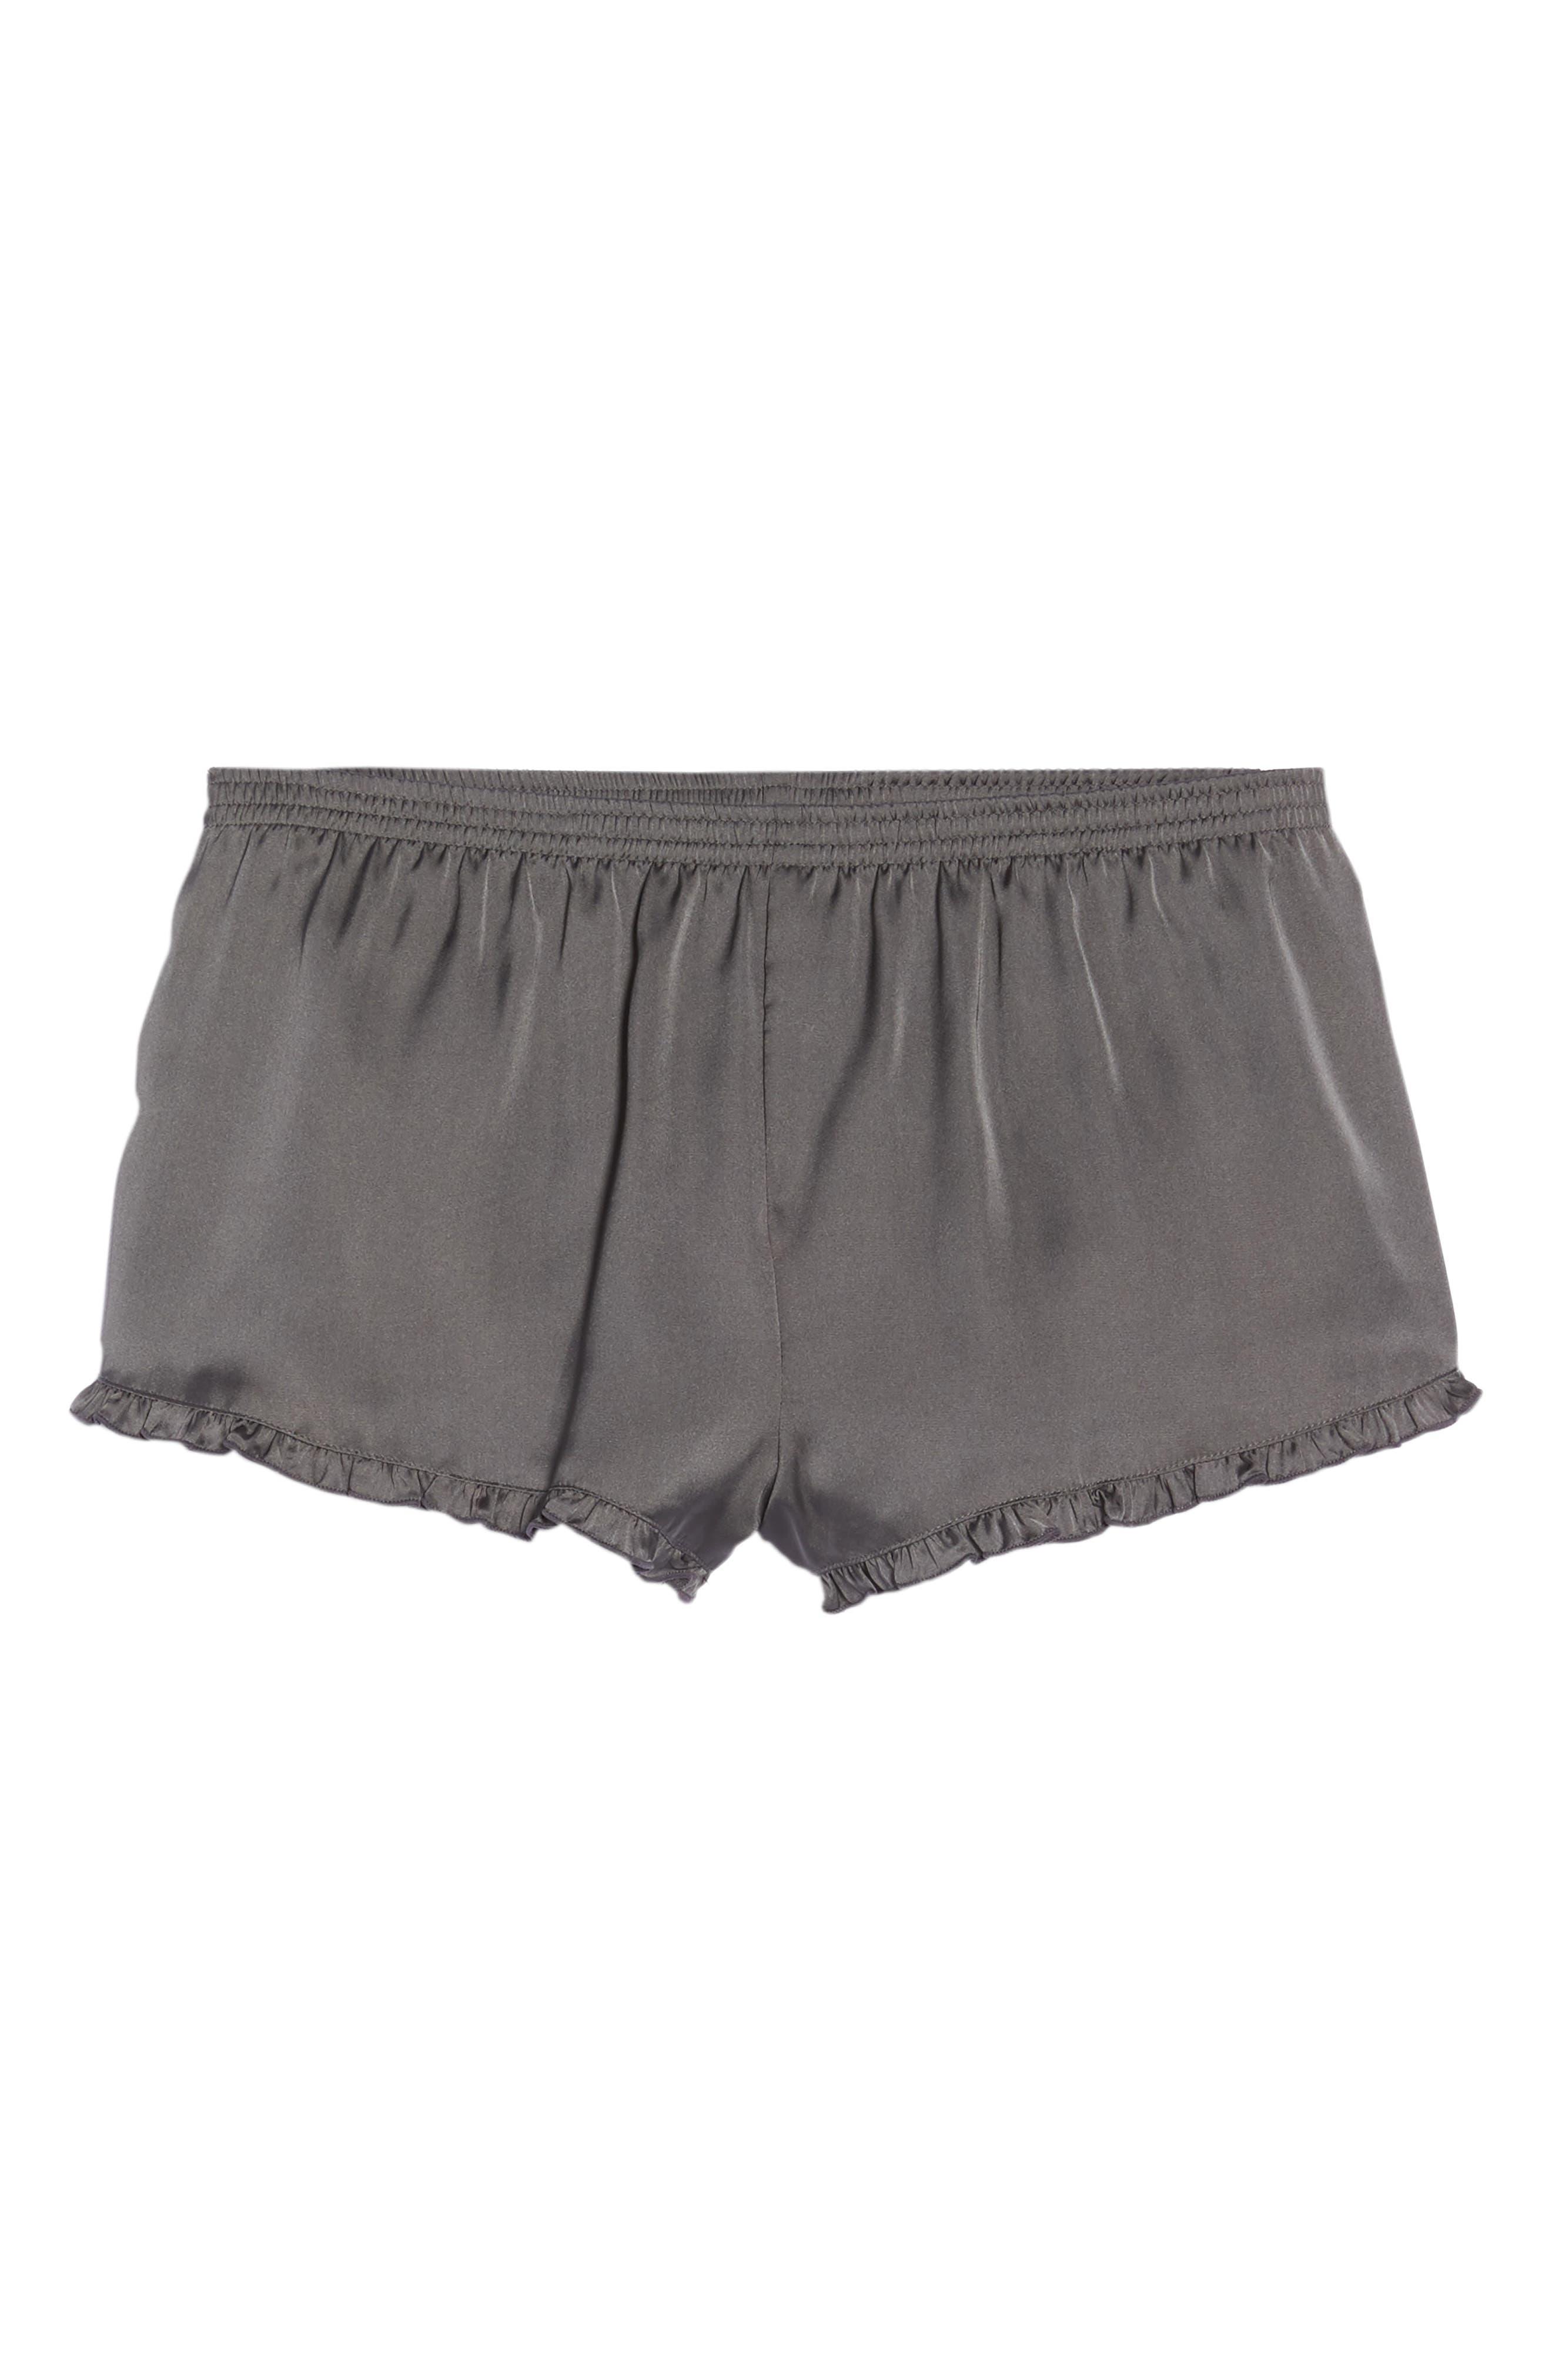 Satin Lounge Shorts,                             Alternate thumbnail 6, color,                             022